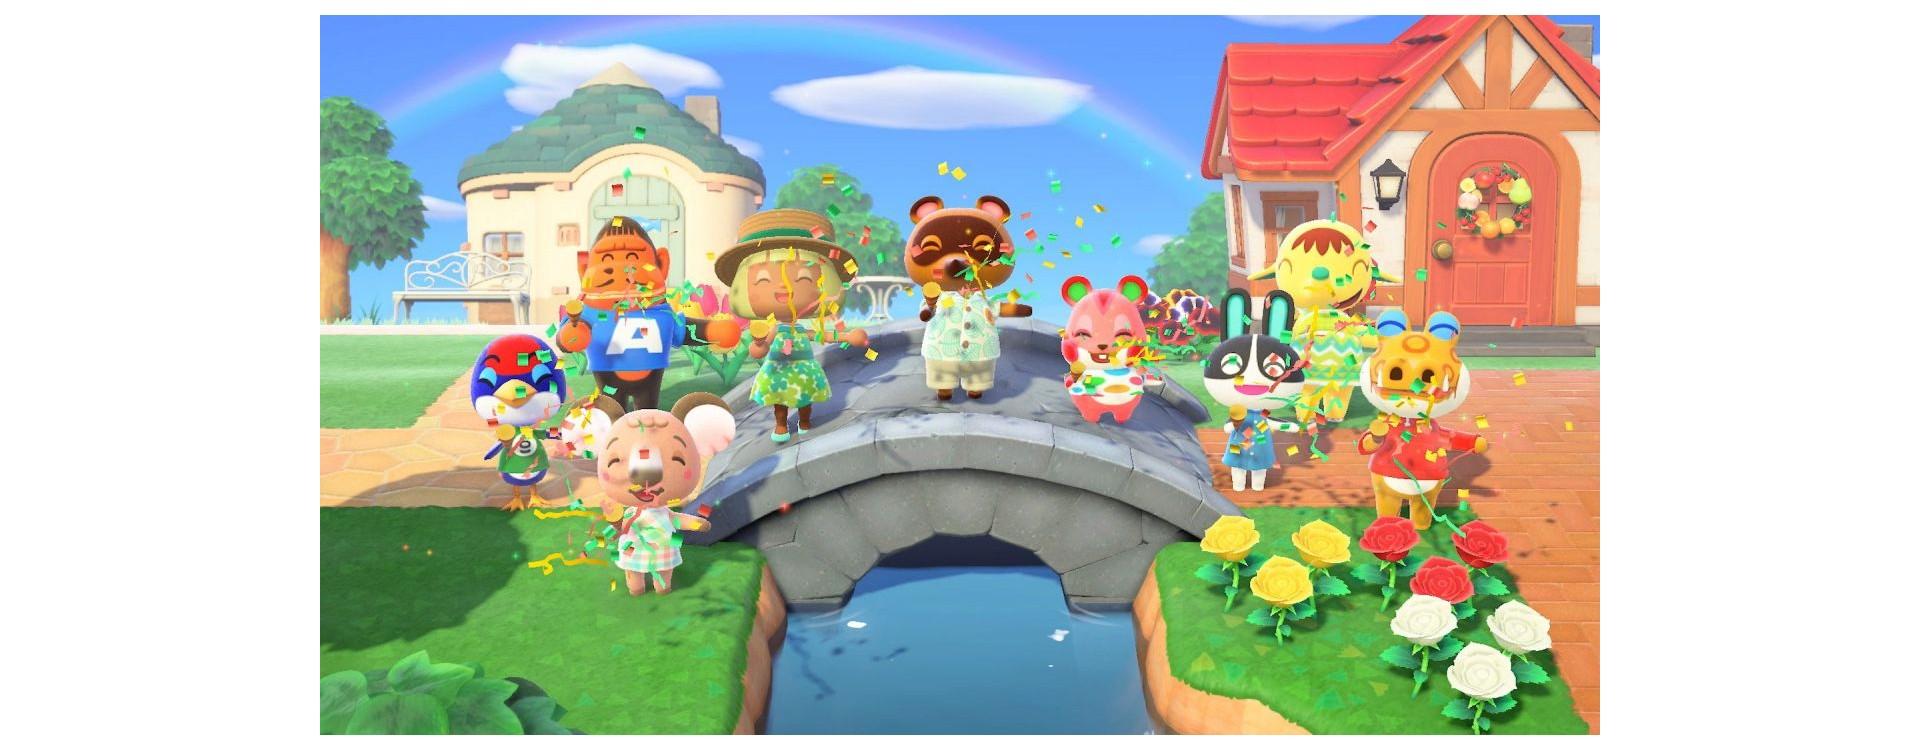 Animal Crossing: New Horizons - Gli ultimi aggiornamenti e le lamentele degli utenti